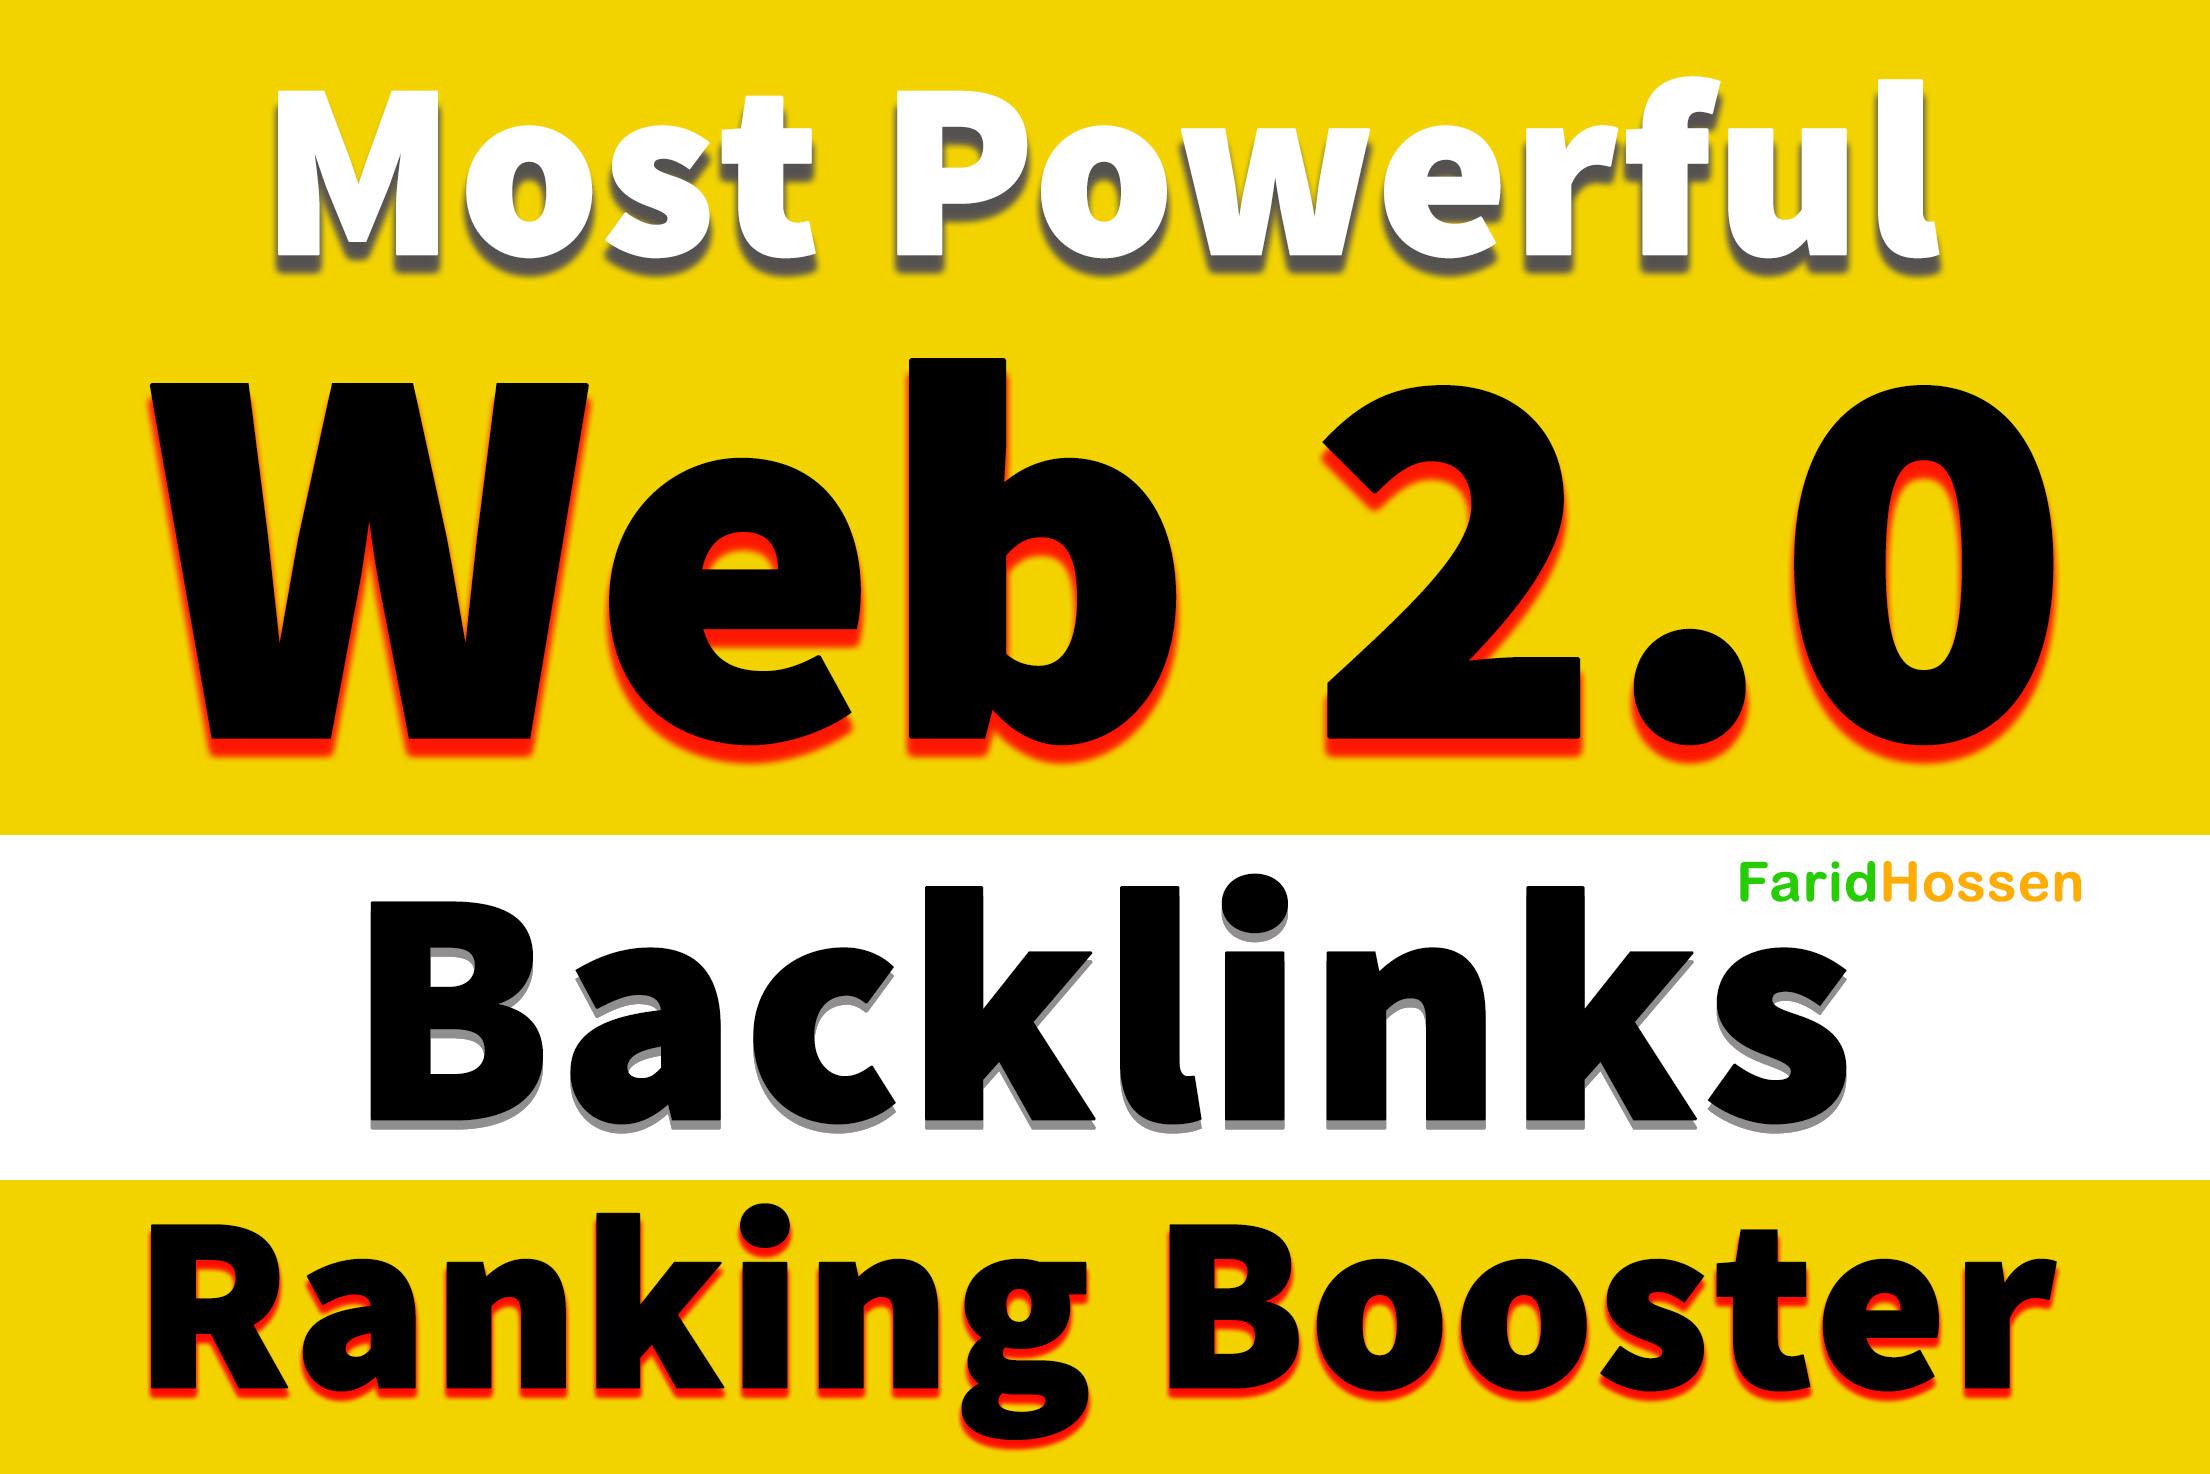 Build Powerful 20 Web2.0 Blog Backlinks High Domain Authority